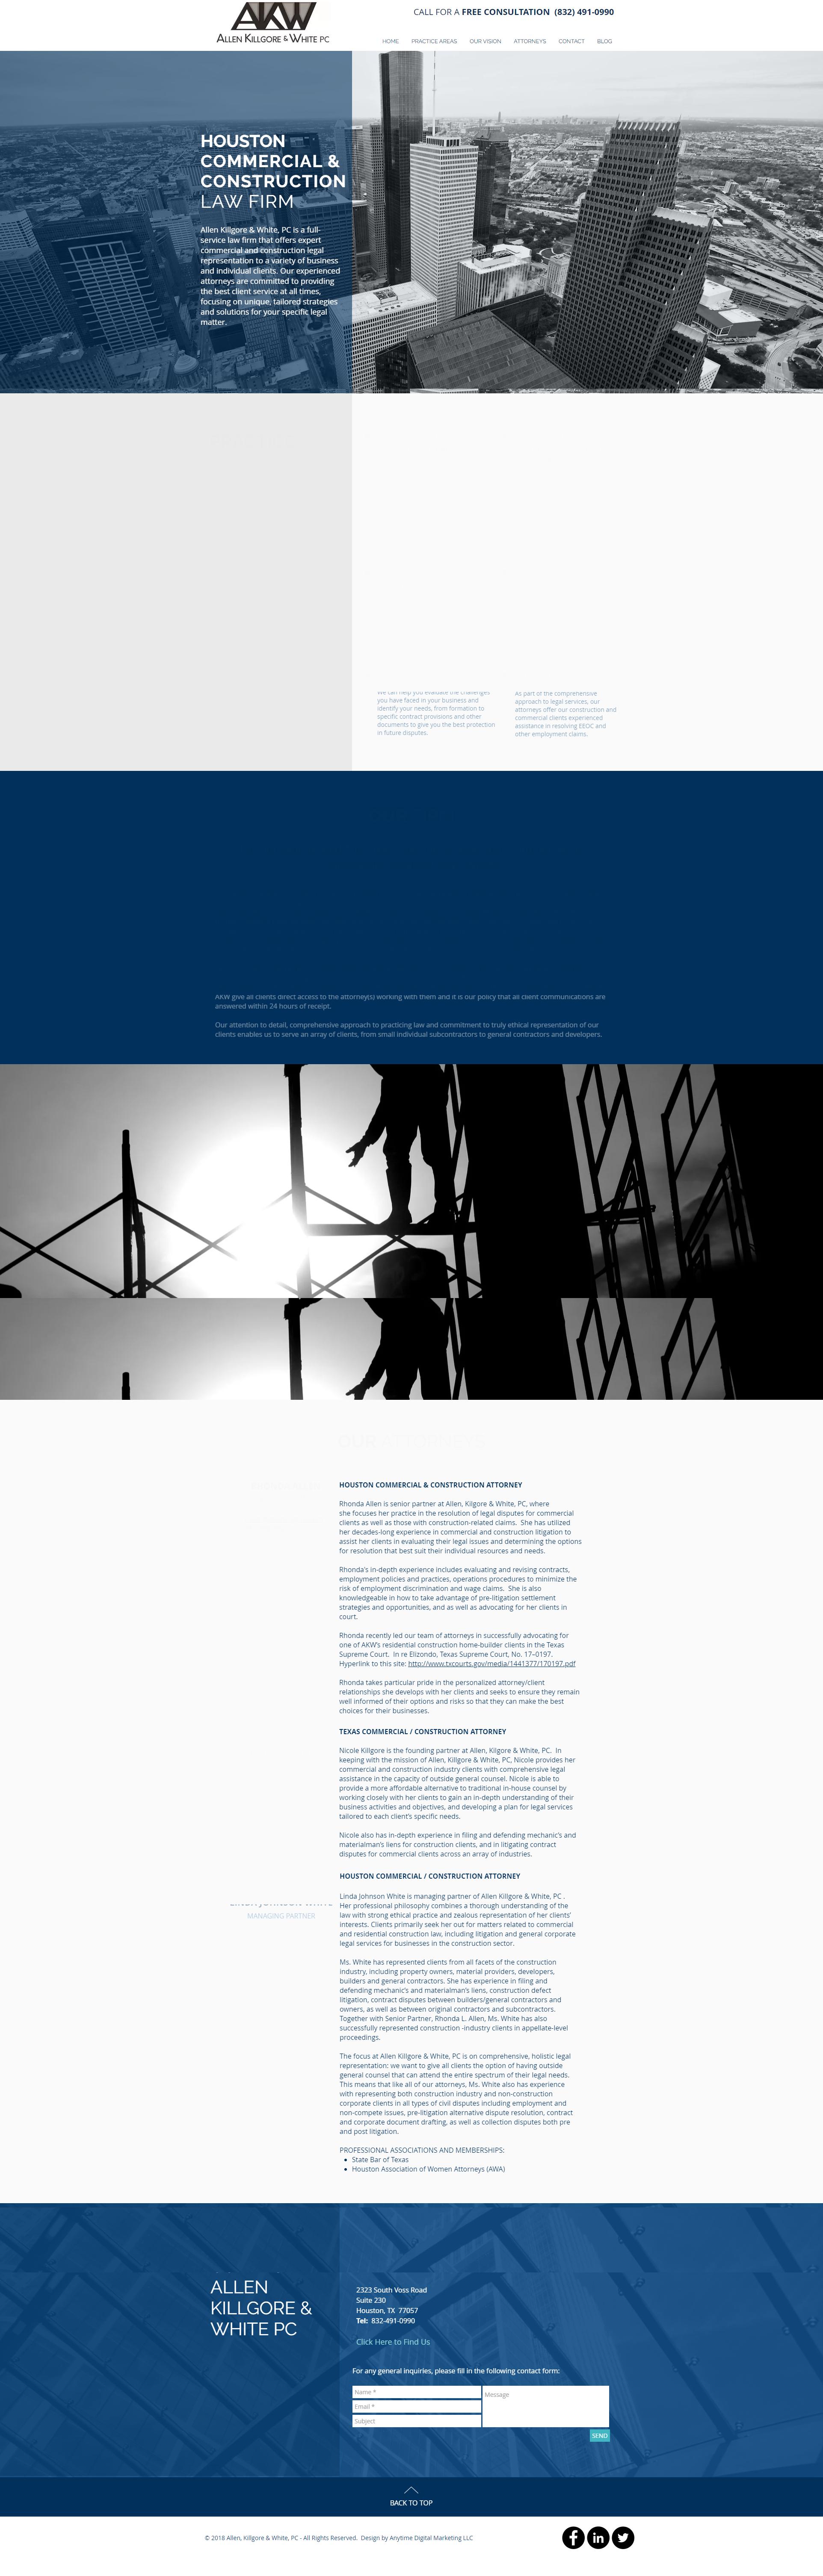 Allen Killgore White website design